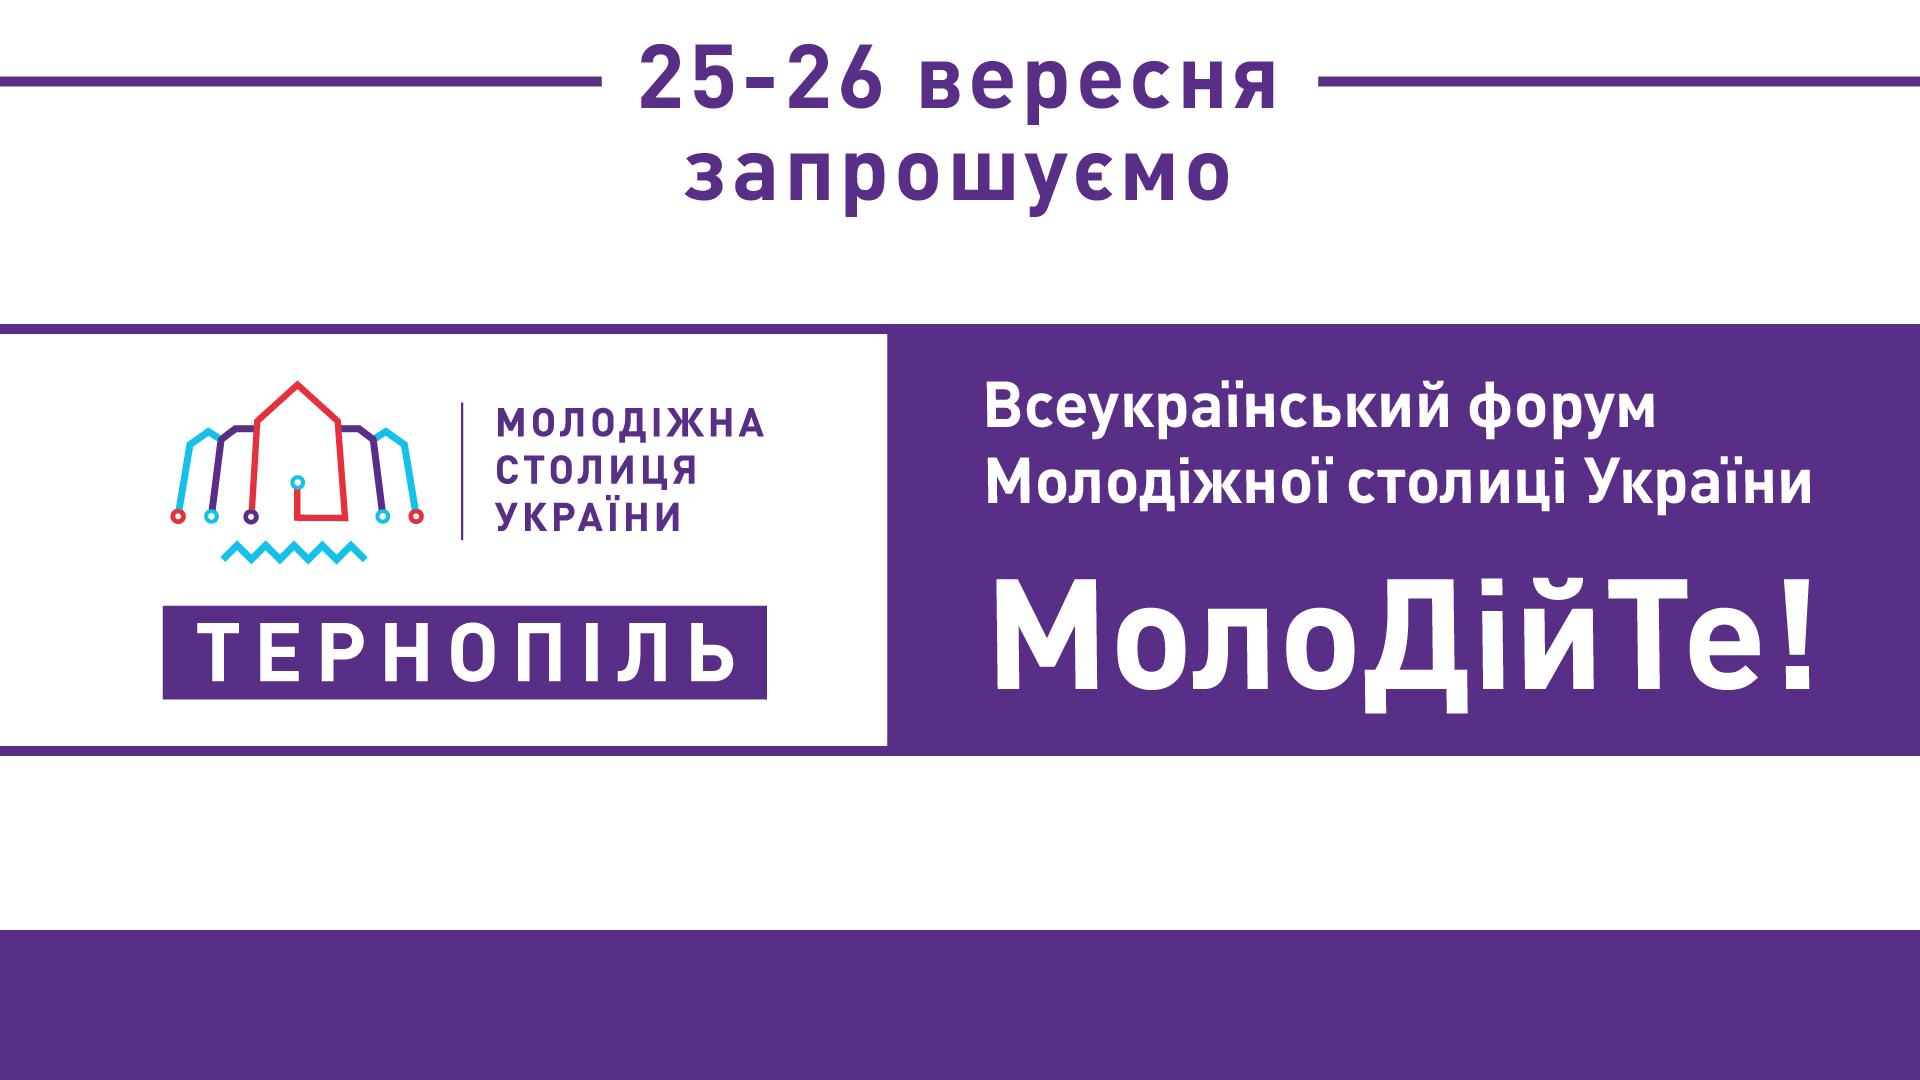 """molodijte obkladynka 3 - У Тернополі відбудеться Всеукраїнський форум """"МолоДійТе!"""""""